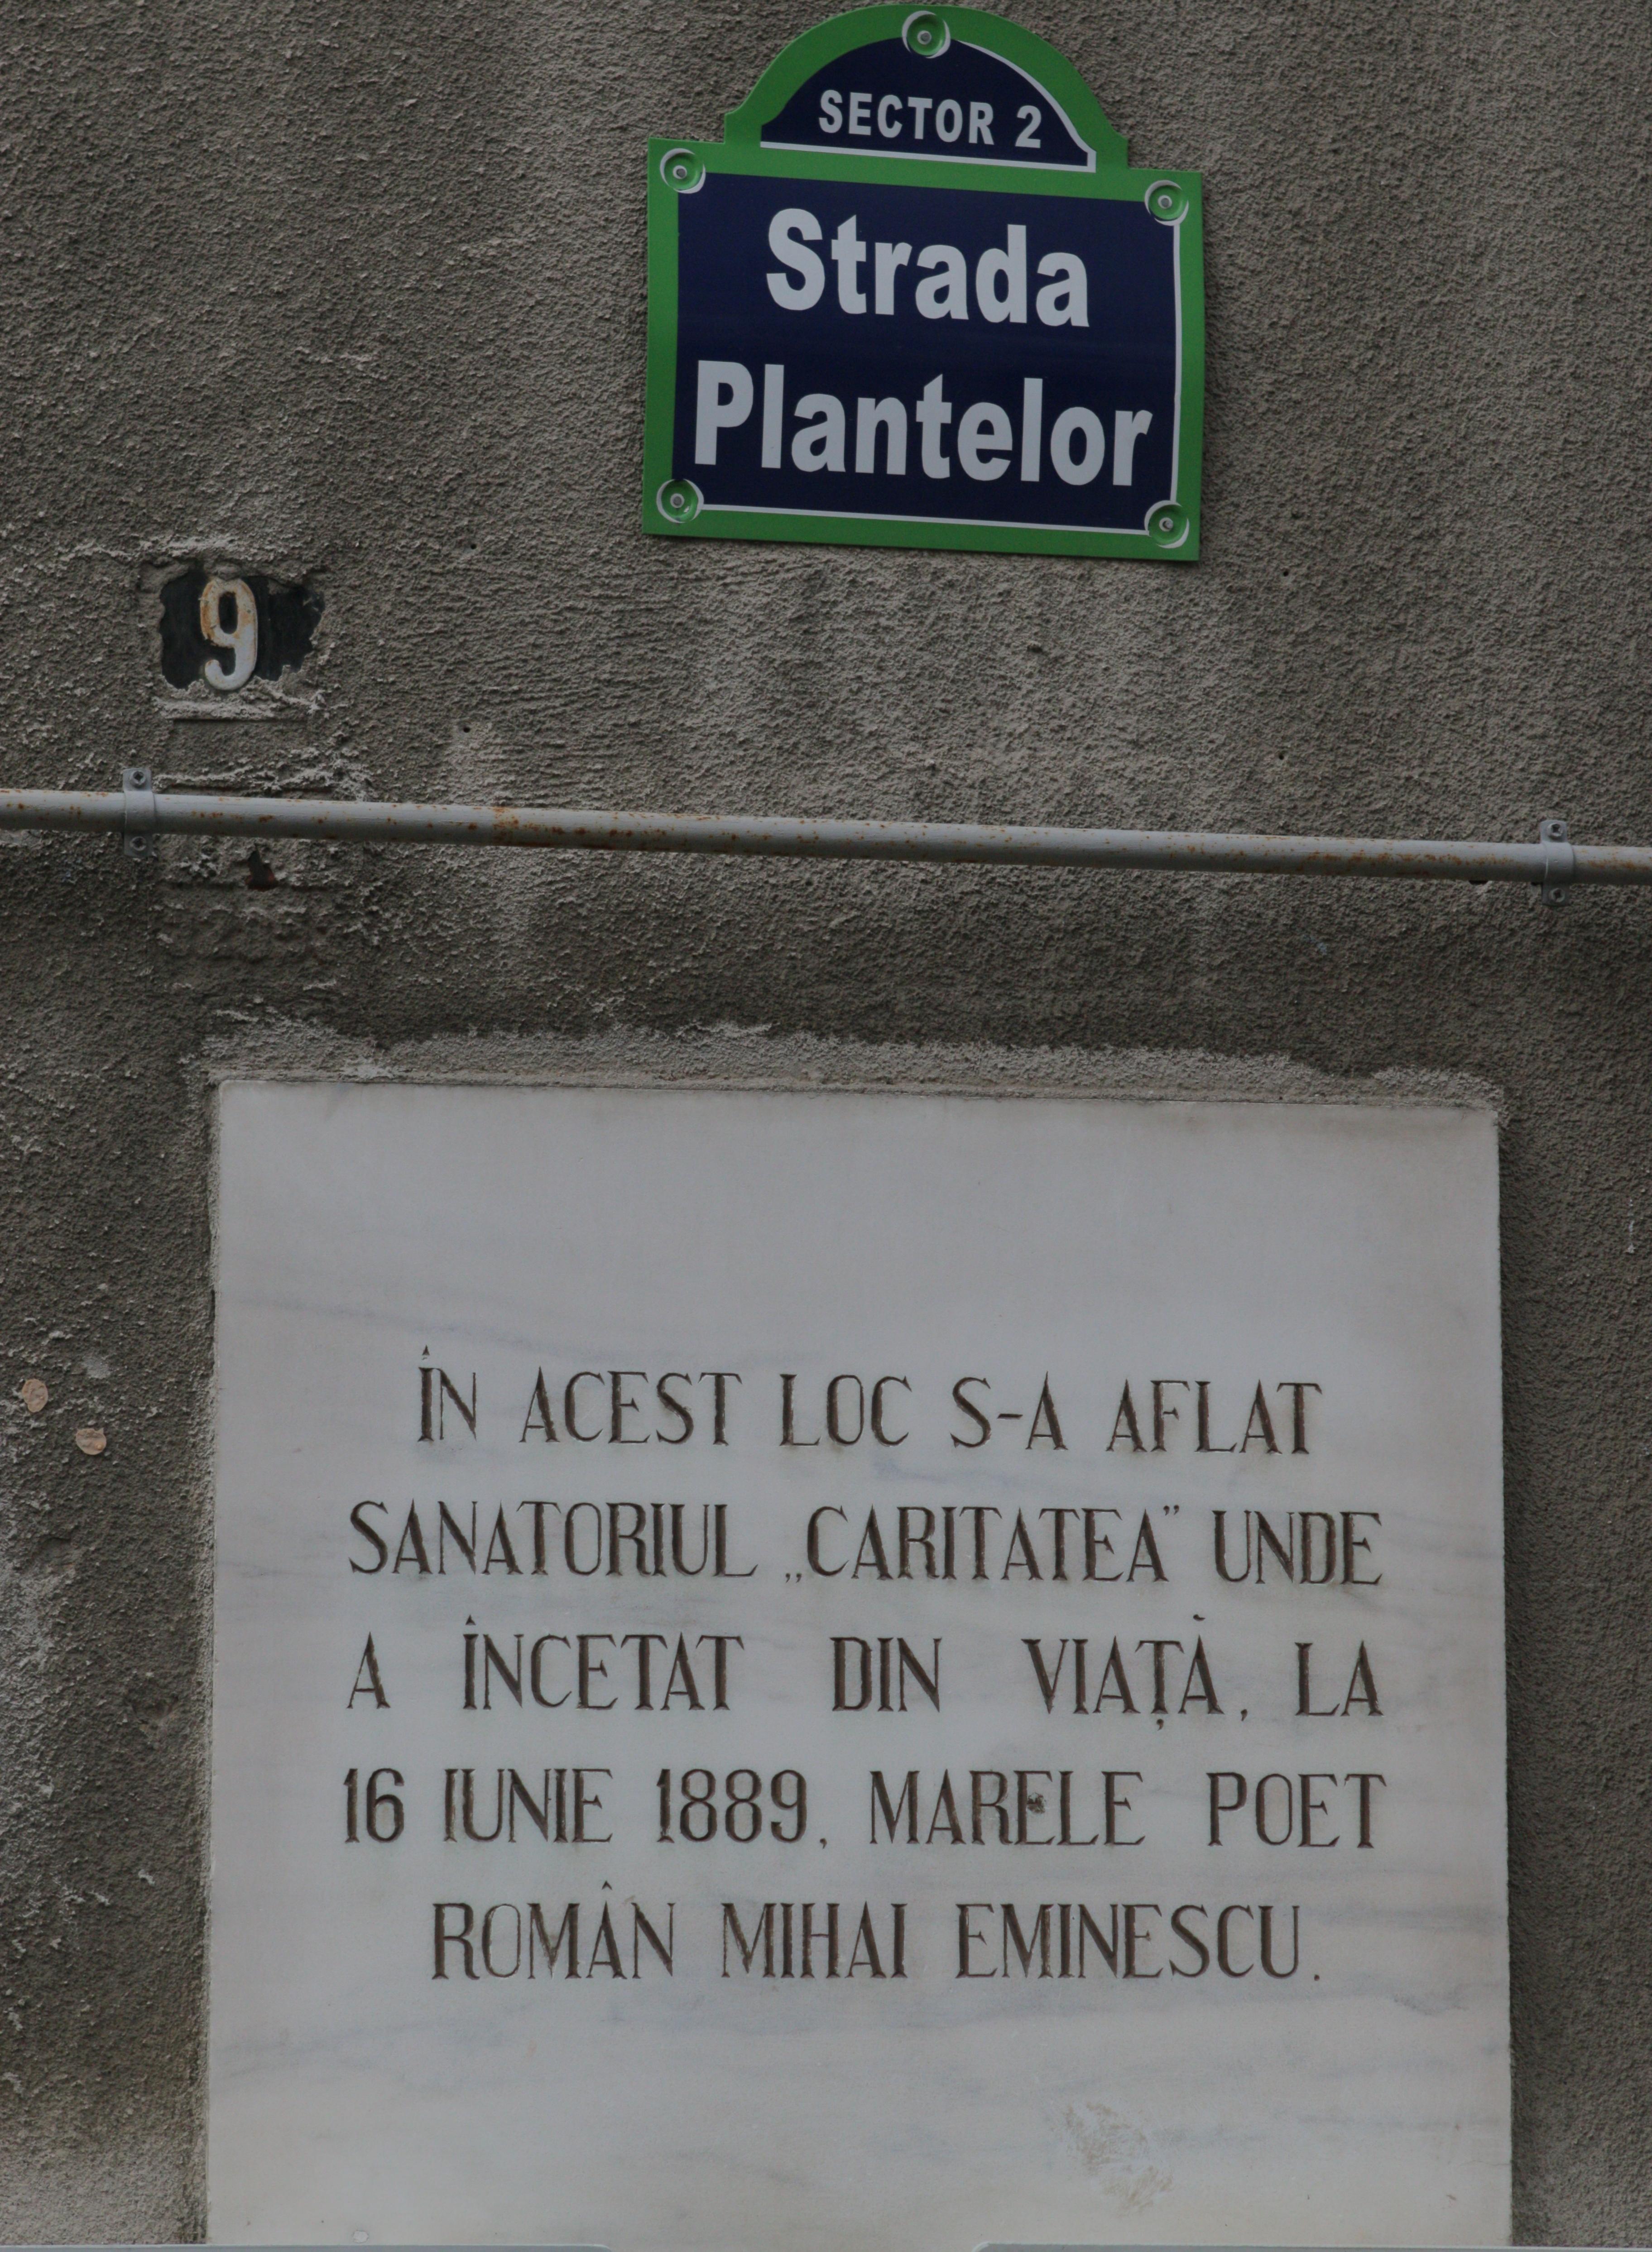 Placa memoriala aduce aminte trecatorilor ca aici a murit marele poet Mihai Eminescu